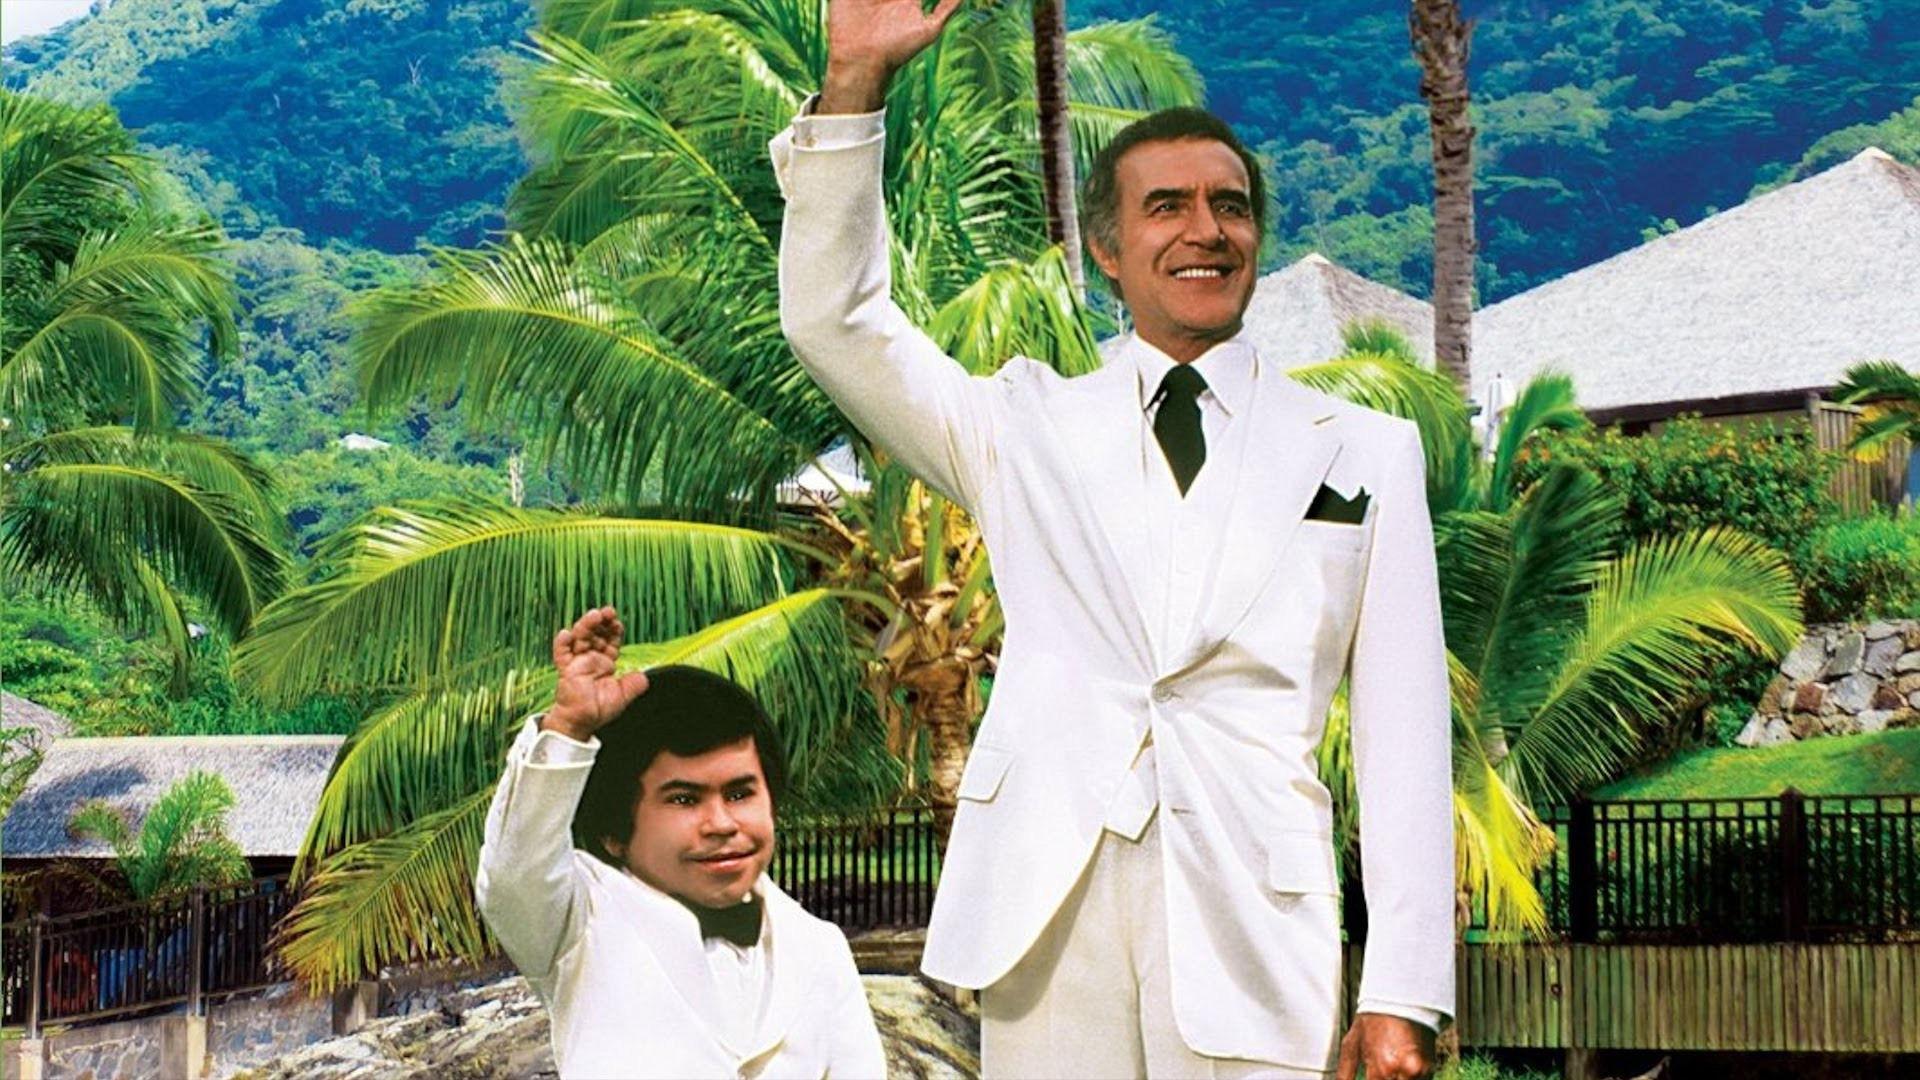 """""""Đảo Kinh Hoàng"""" - món khai vị """"mới lạ"""" từ ông hoàng kinh dị Blumhouse trong thập kỷ mới - Ảnh 6."""